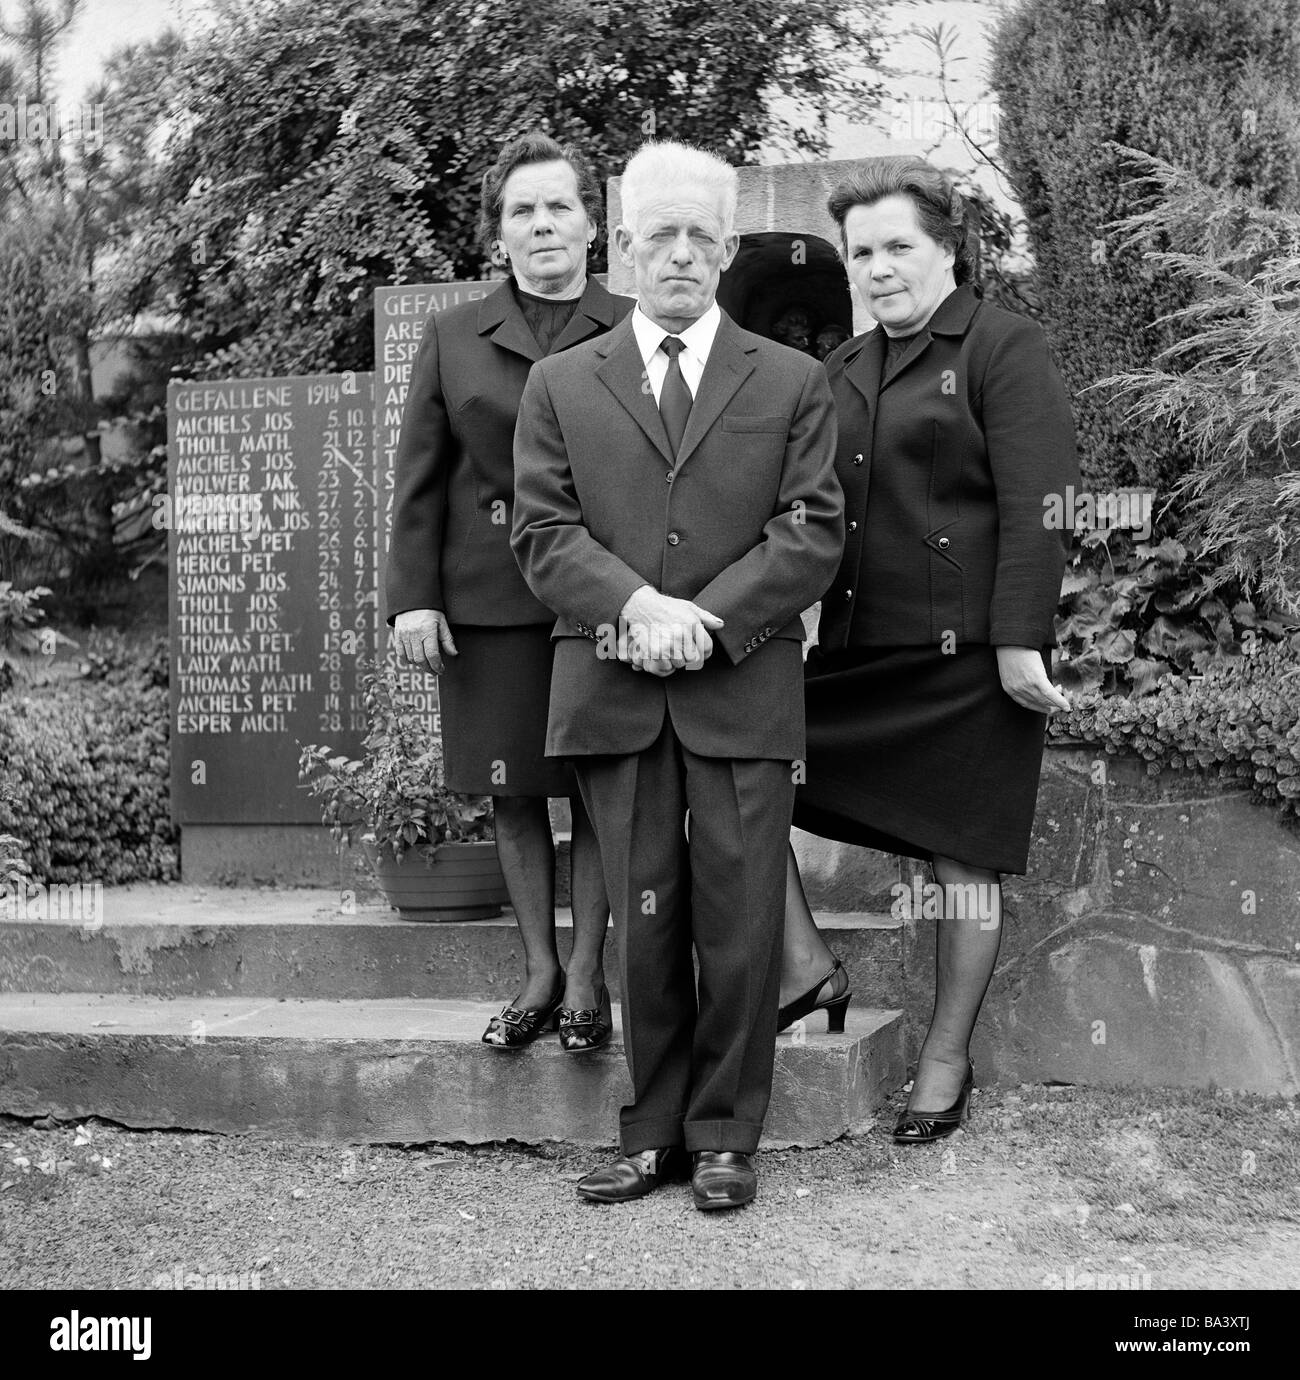 Ziemlich Schwarze Krawatte Partei Dresscode Bilder - Hochzeit Kleid ...